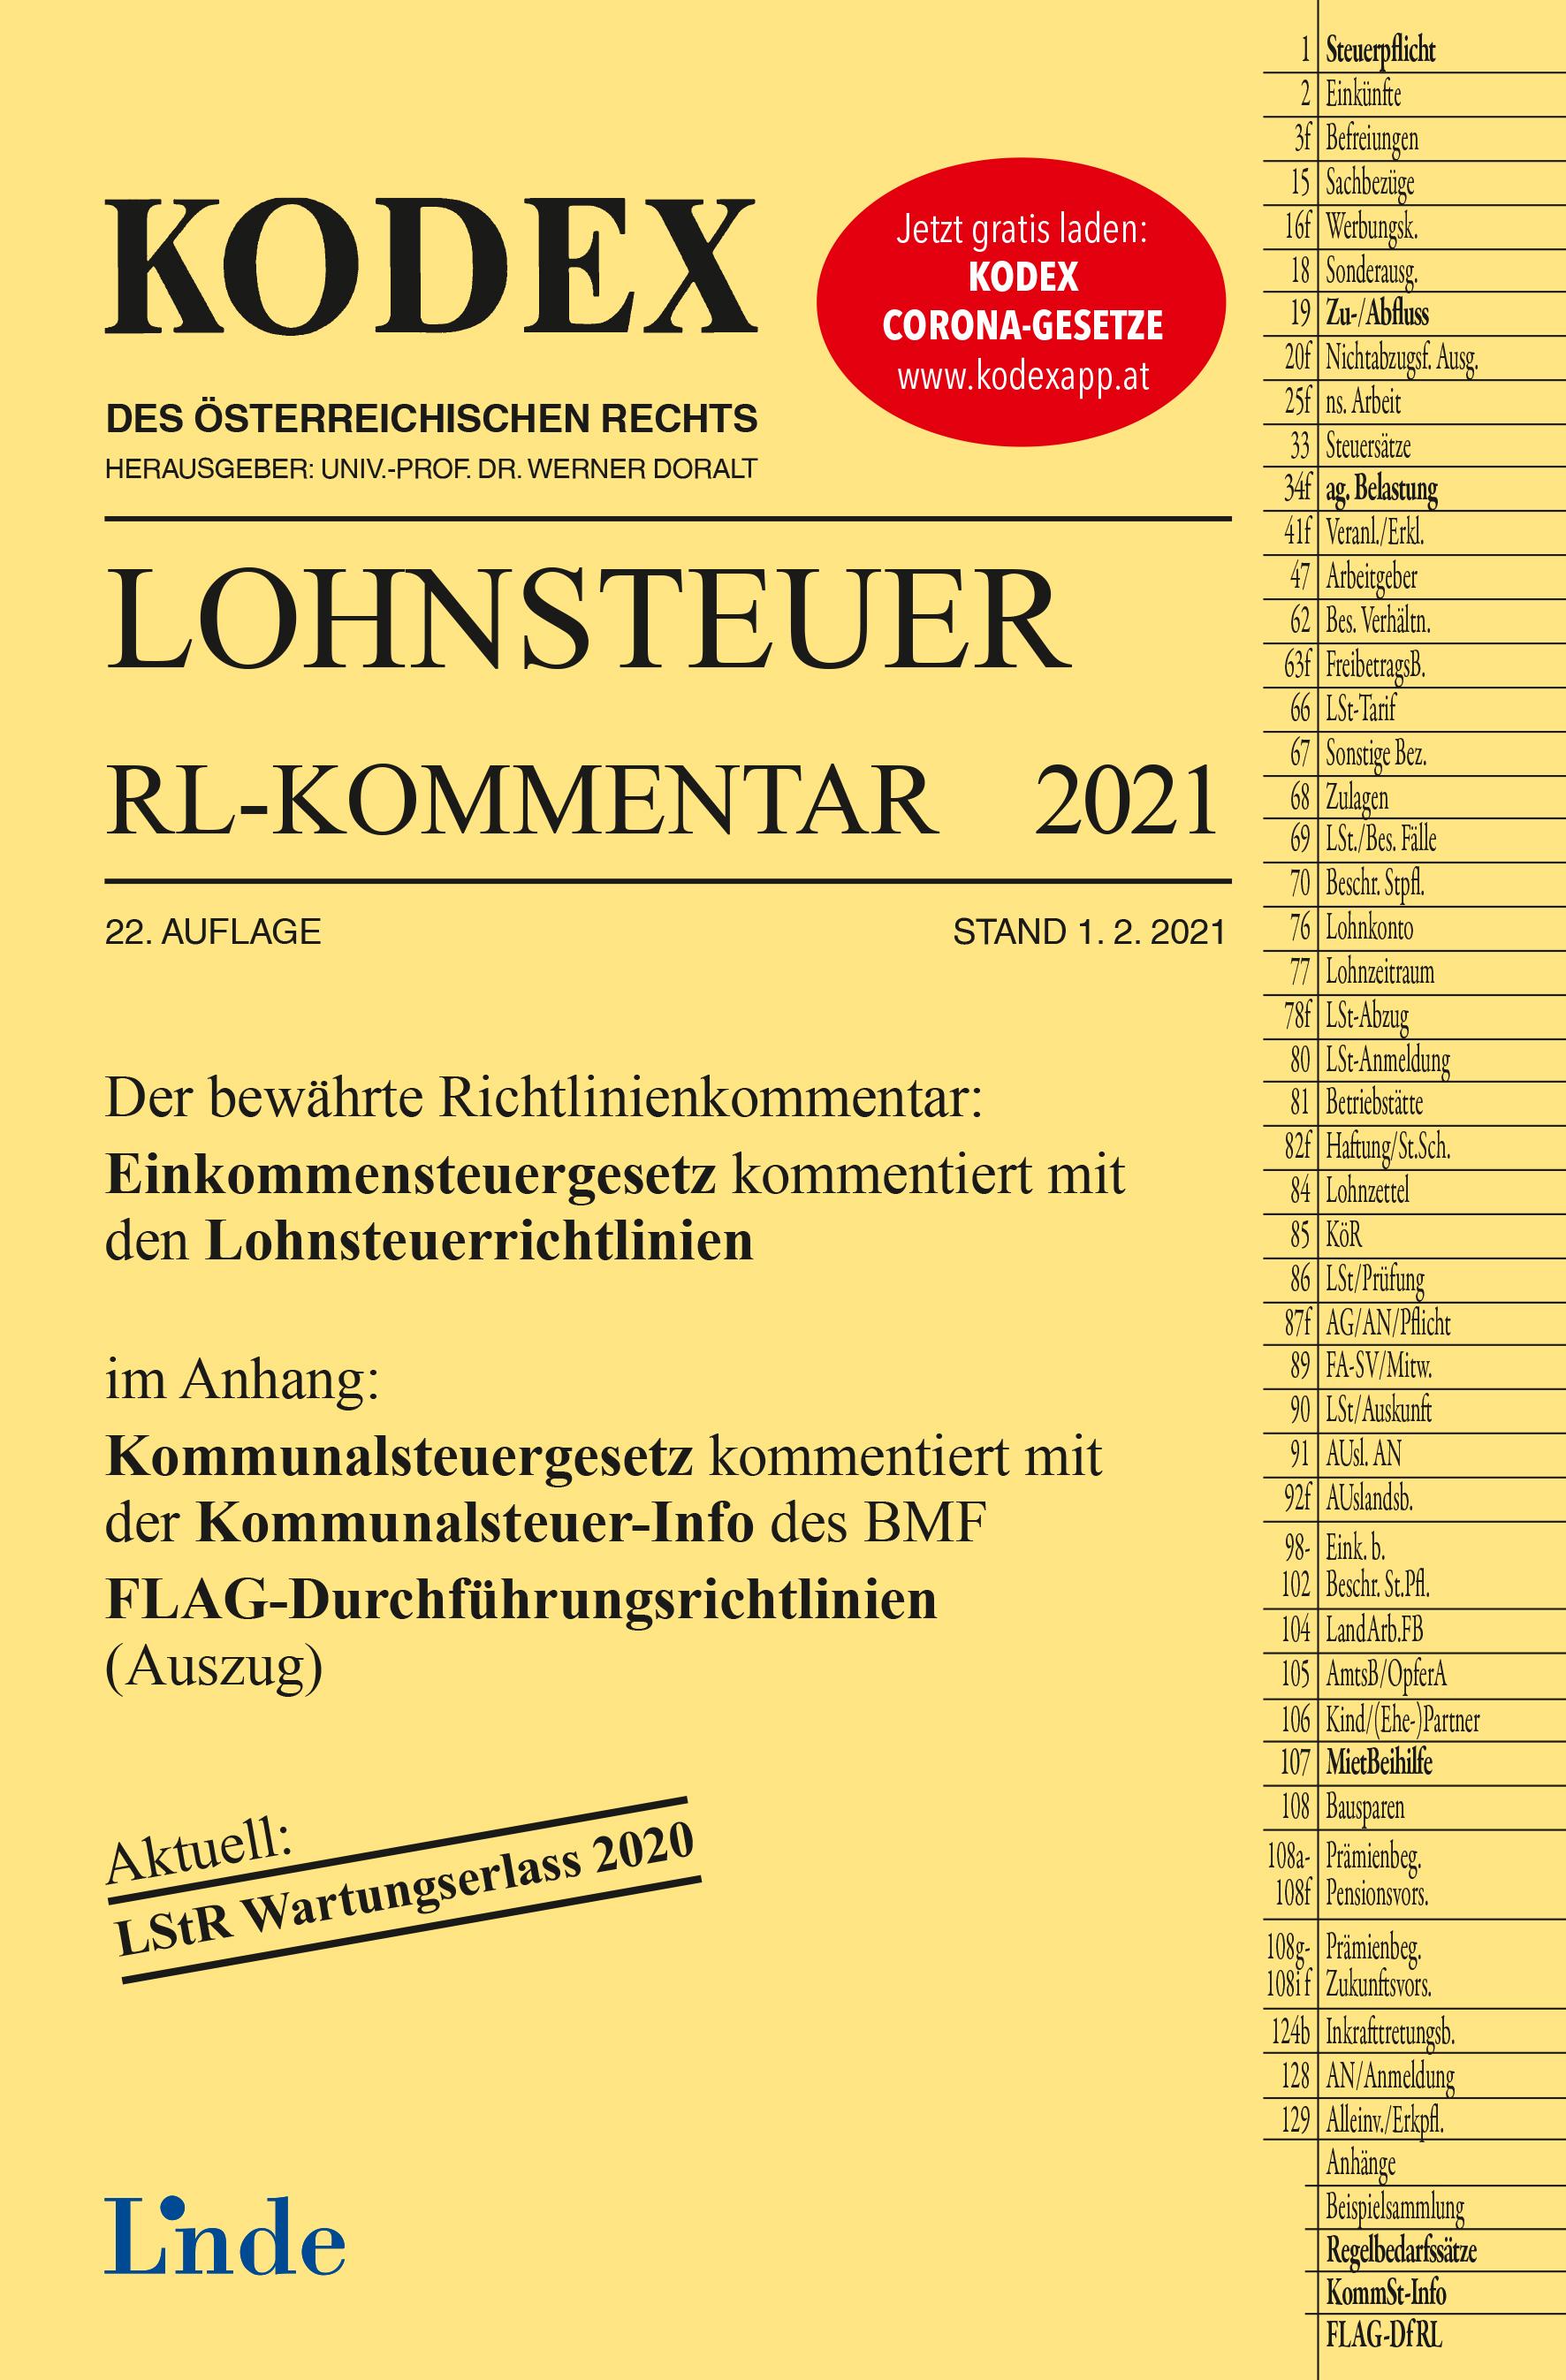 KODEX Lohnsteuer Richtlinien-Kommentar 2021 | Linde Verlag